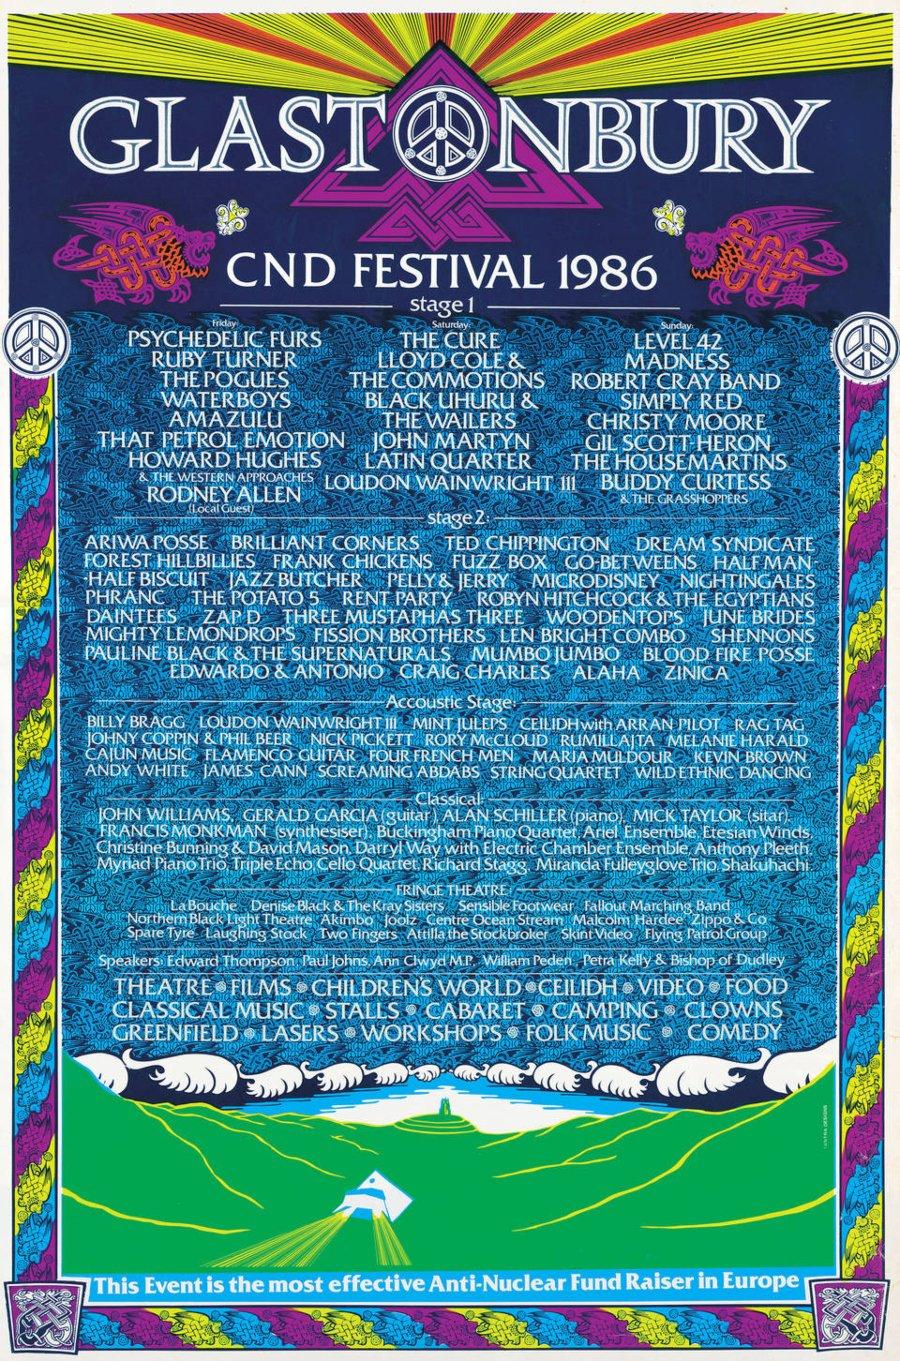 Cartel de la edición de 1986 de Glastonbury